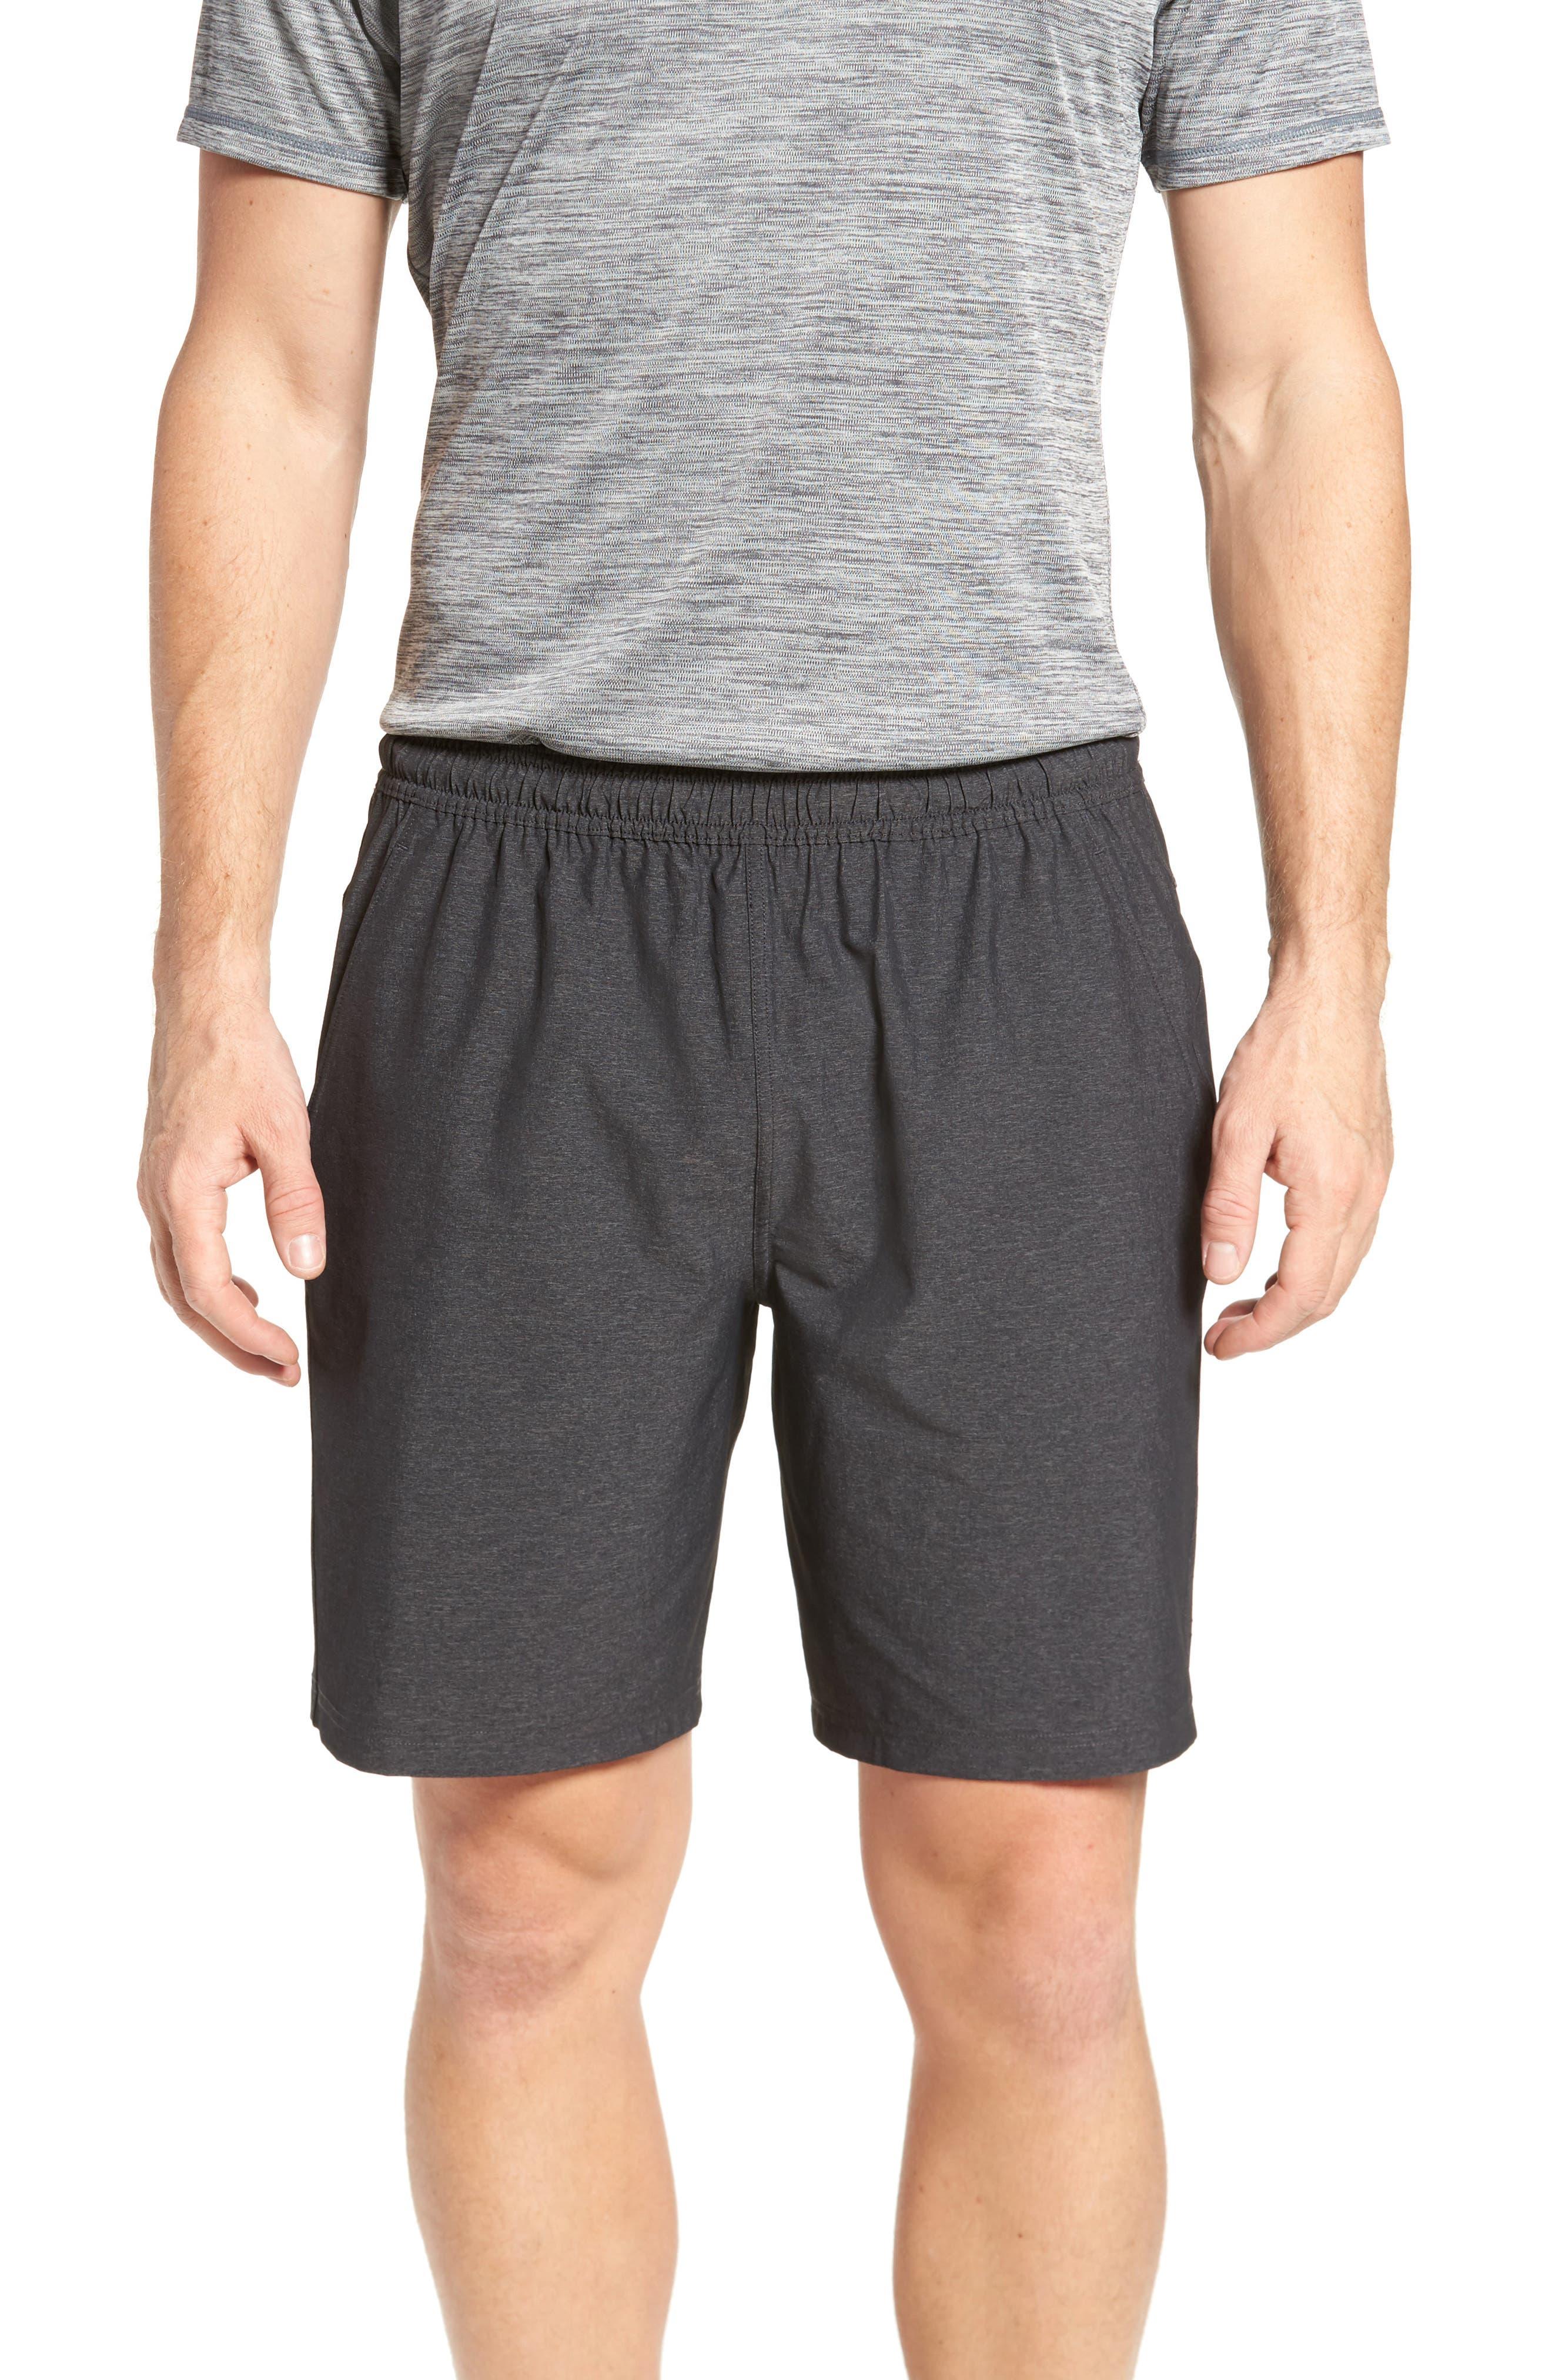 Zella Graphite Shorts